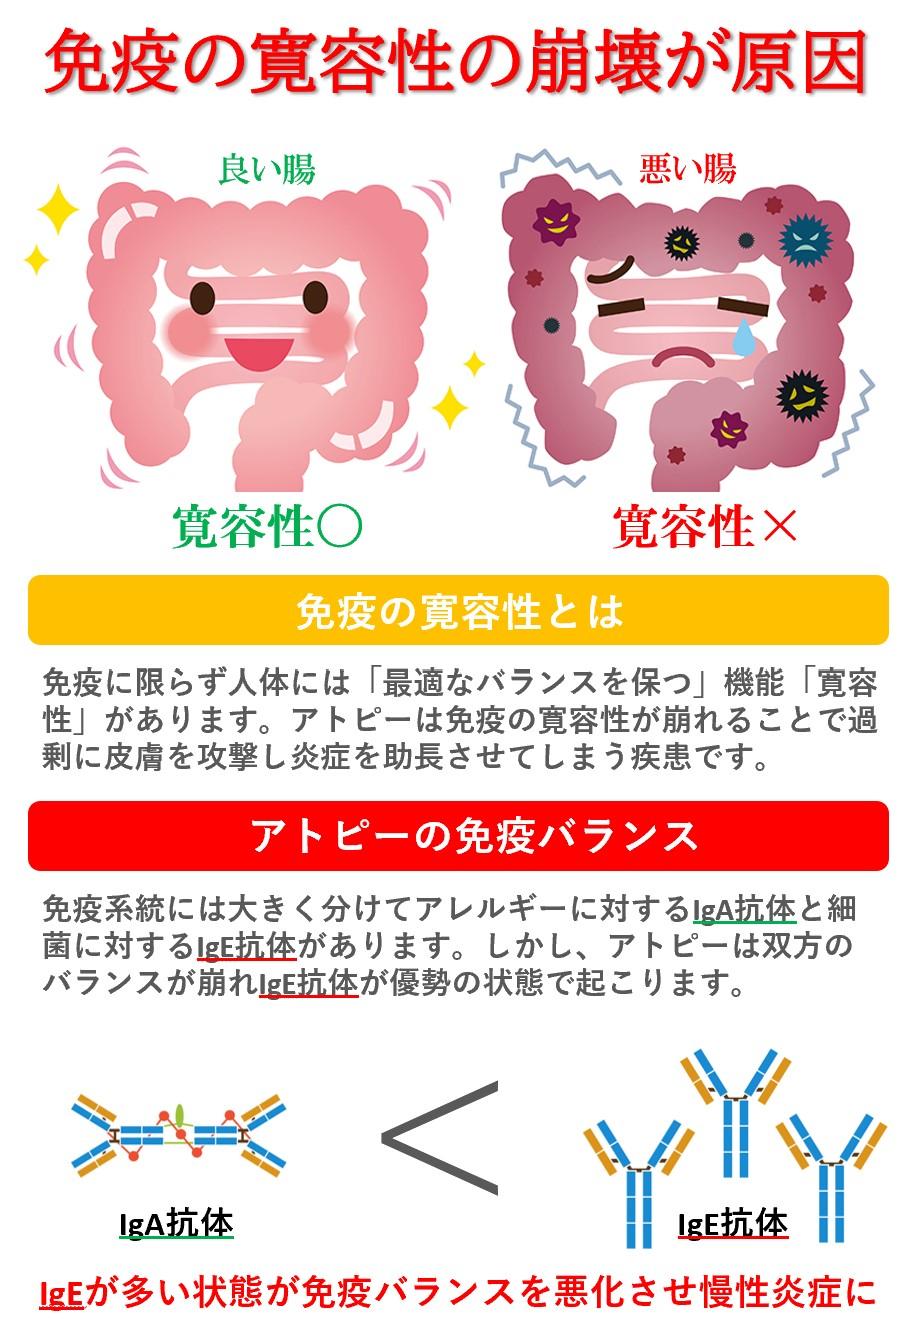 免疫バランスの悪化=寛容性の崩壊。アトピーのメカニズムはIGA抗体とIGE抗体のバランスが崩れること。